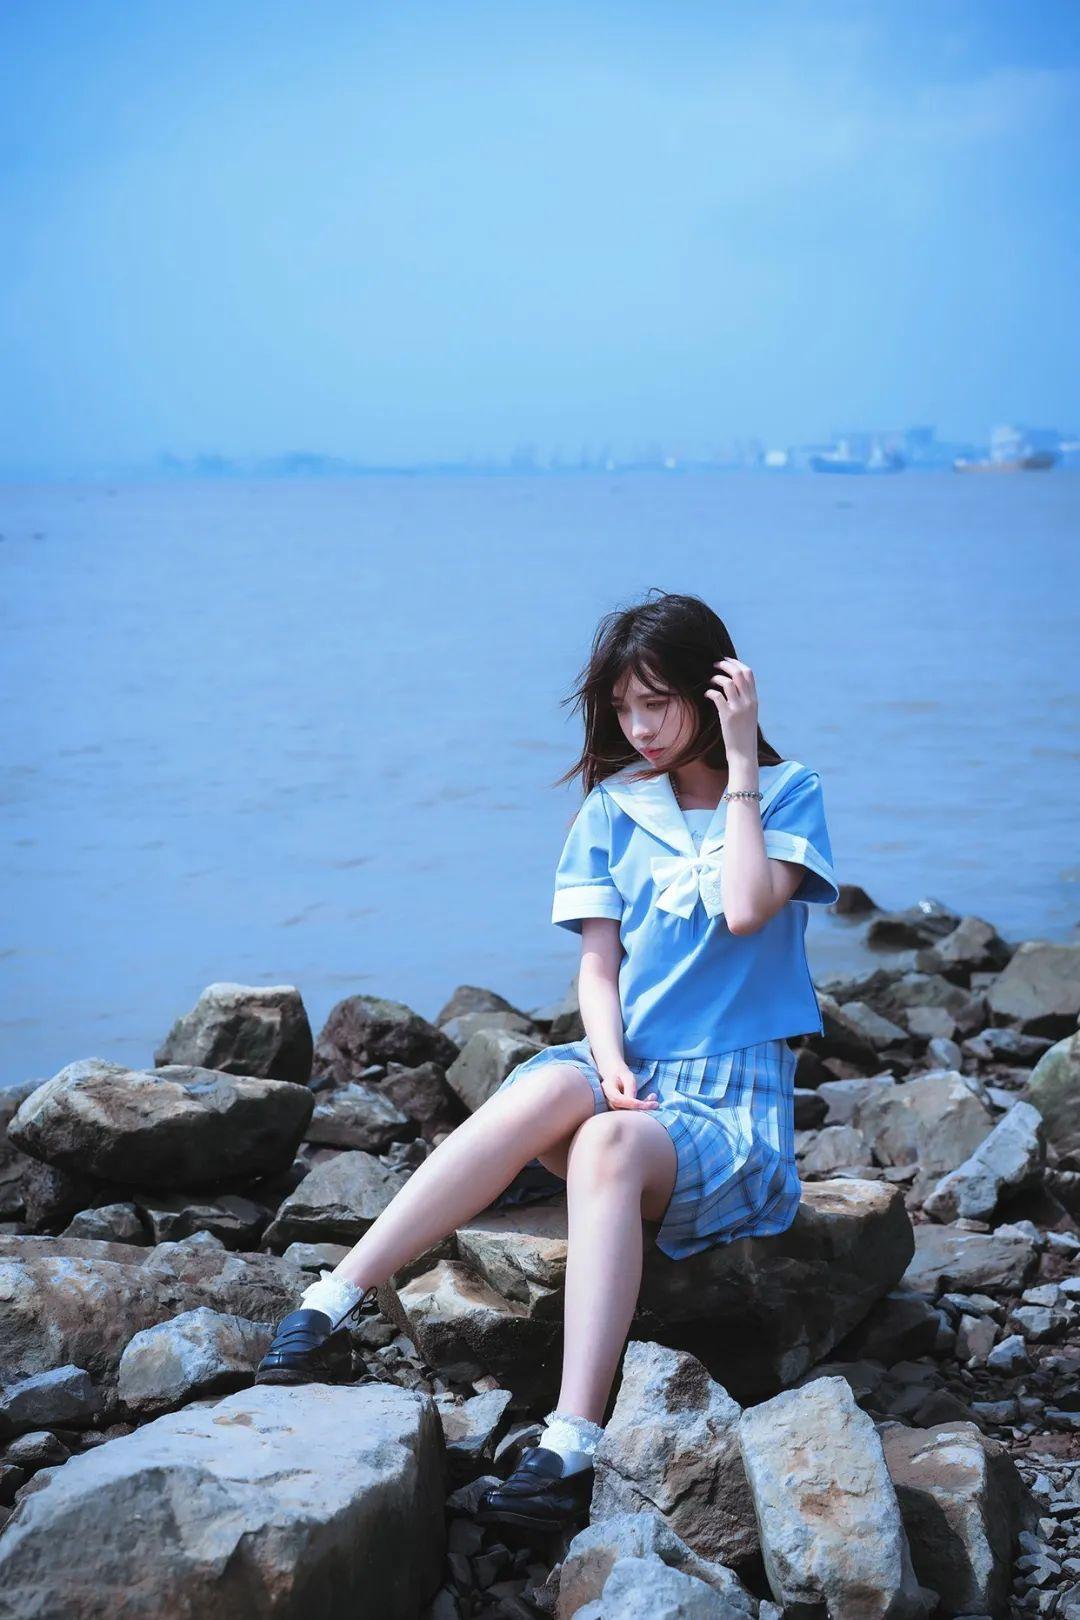 妹子摄影 – JK制服美腿少女坐在海边_图片 No.2